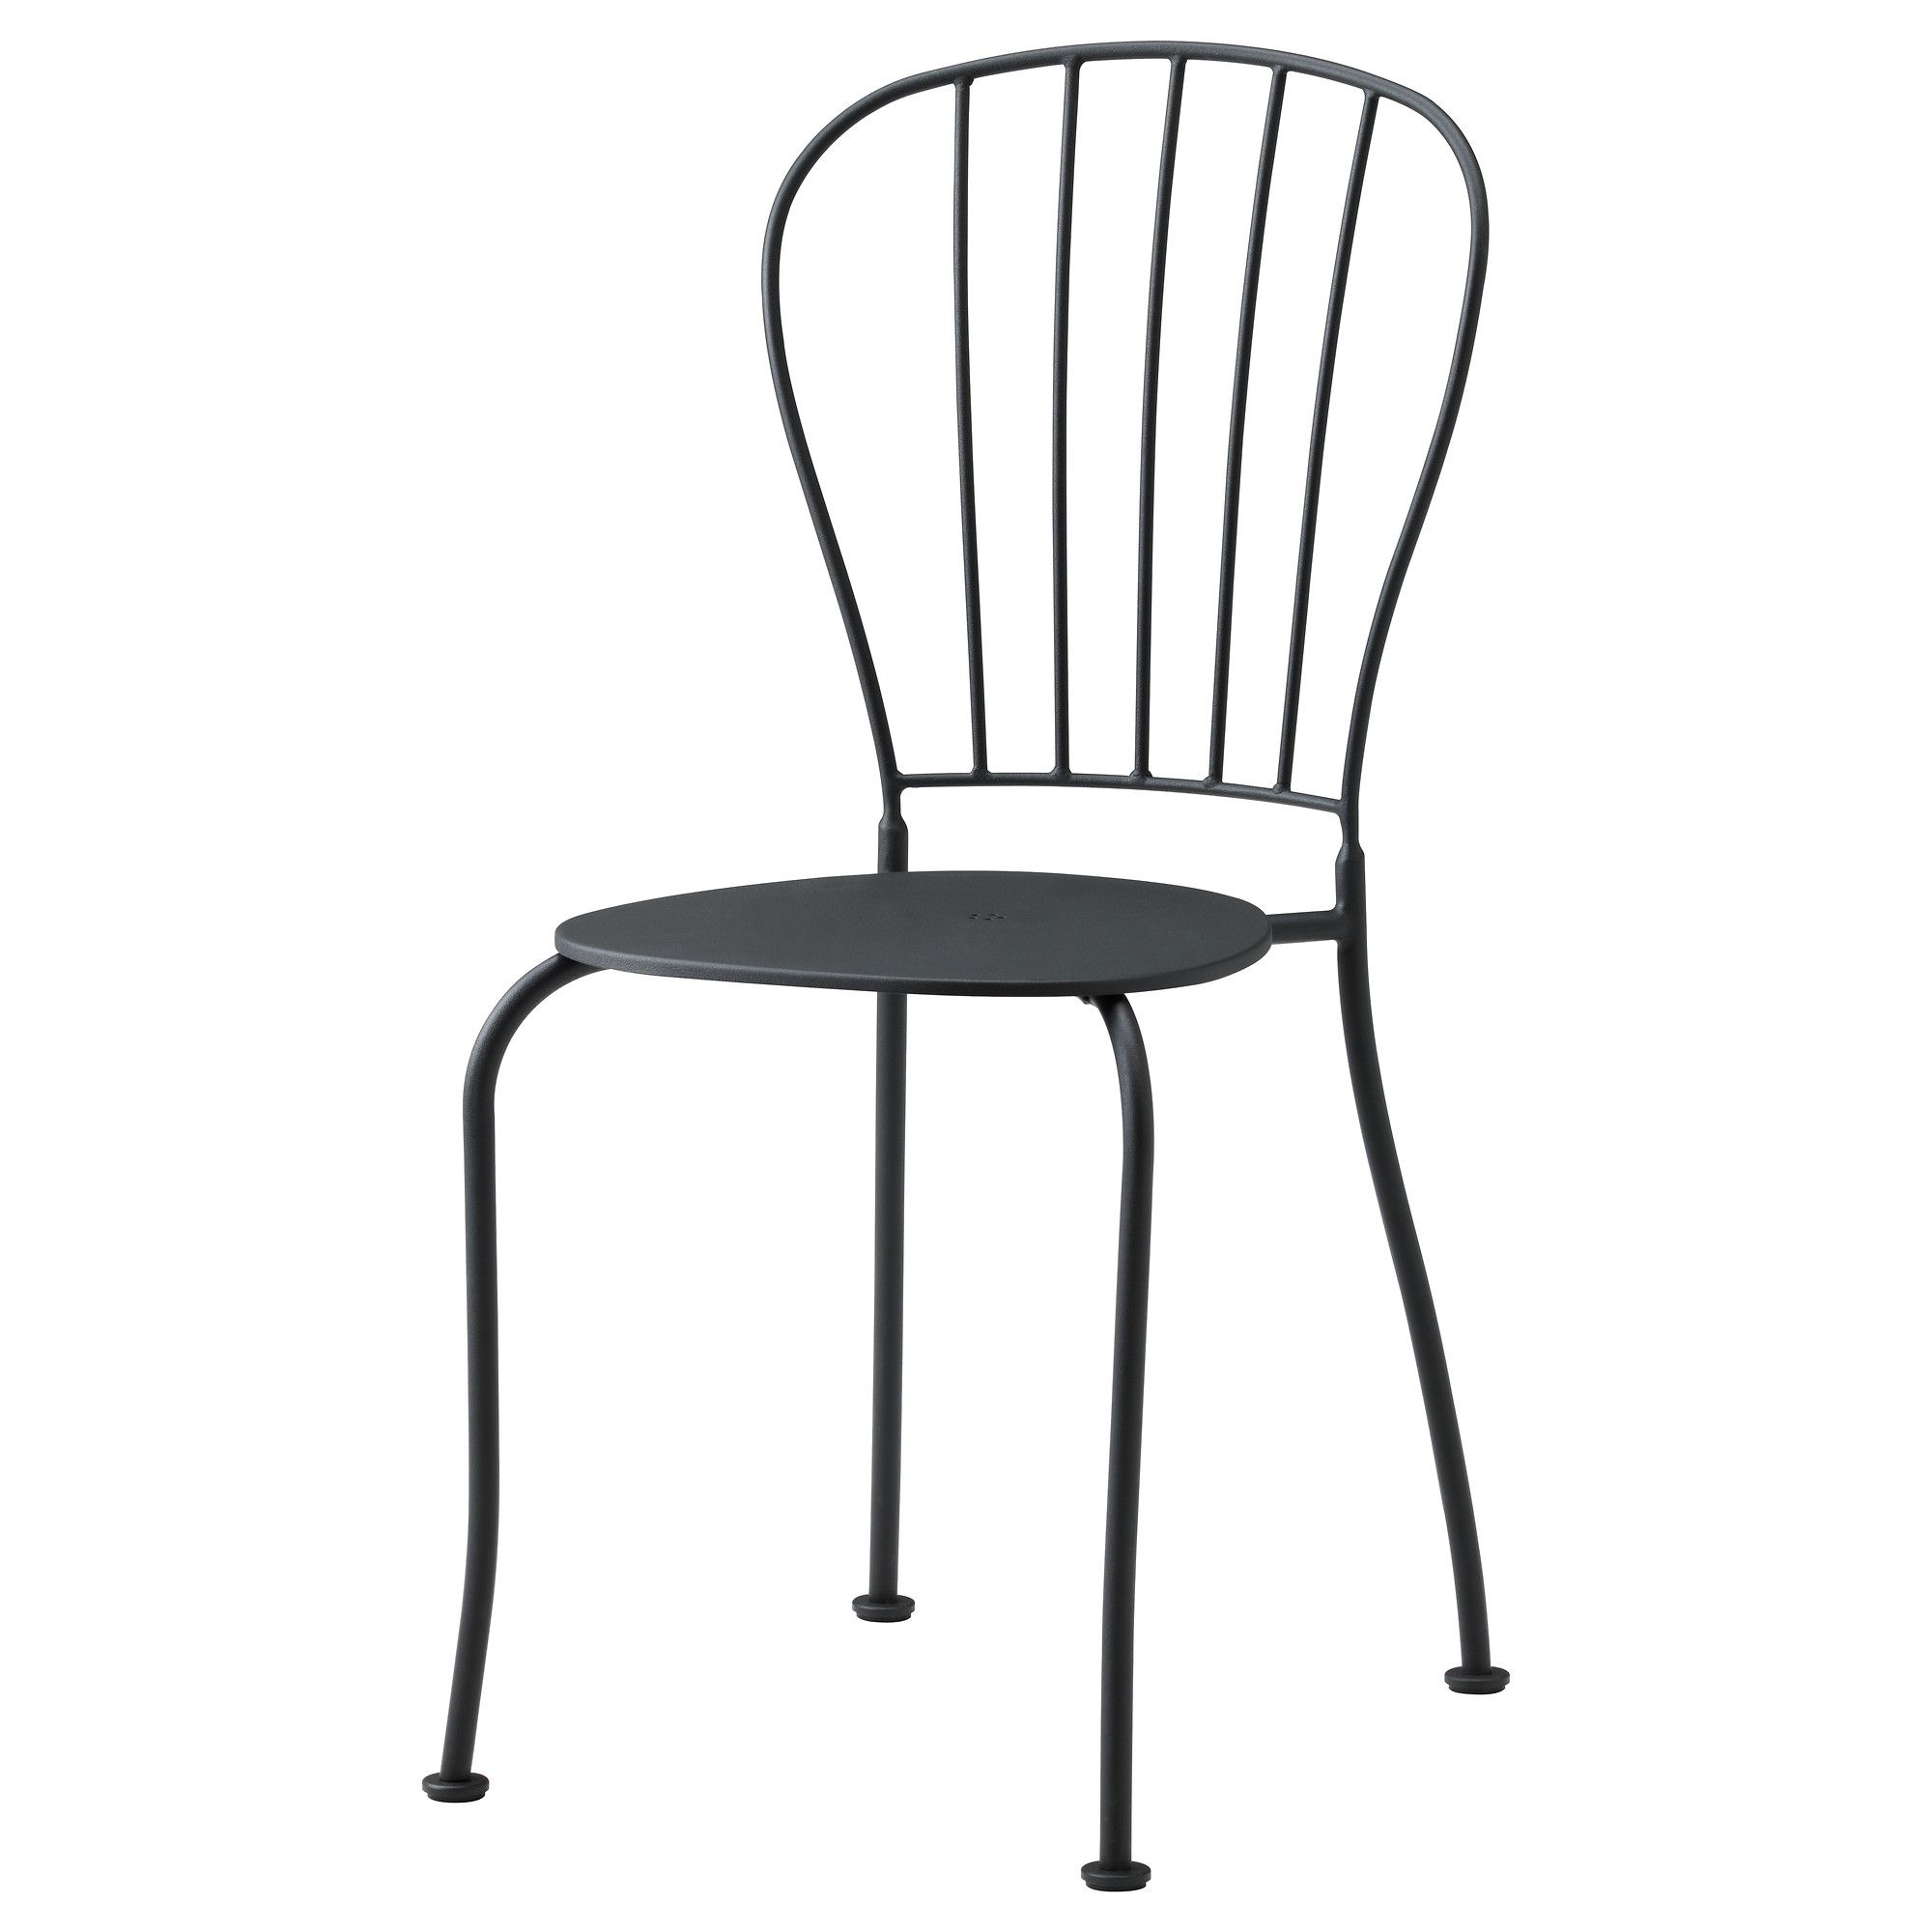 l ck chaise ext rieur gris chaise exterieur le trou et les mat riaux. Black Bedroom Furniture Sets. Home Design Ideas